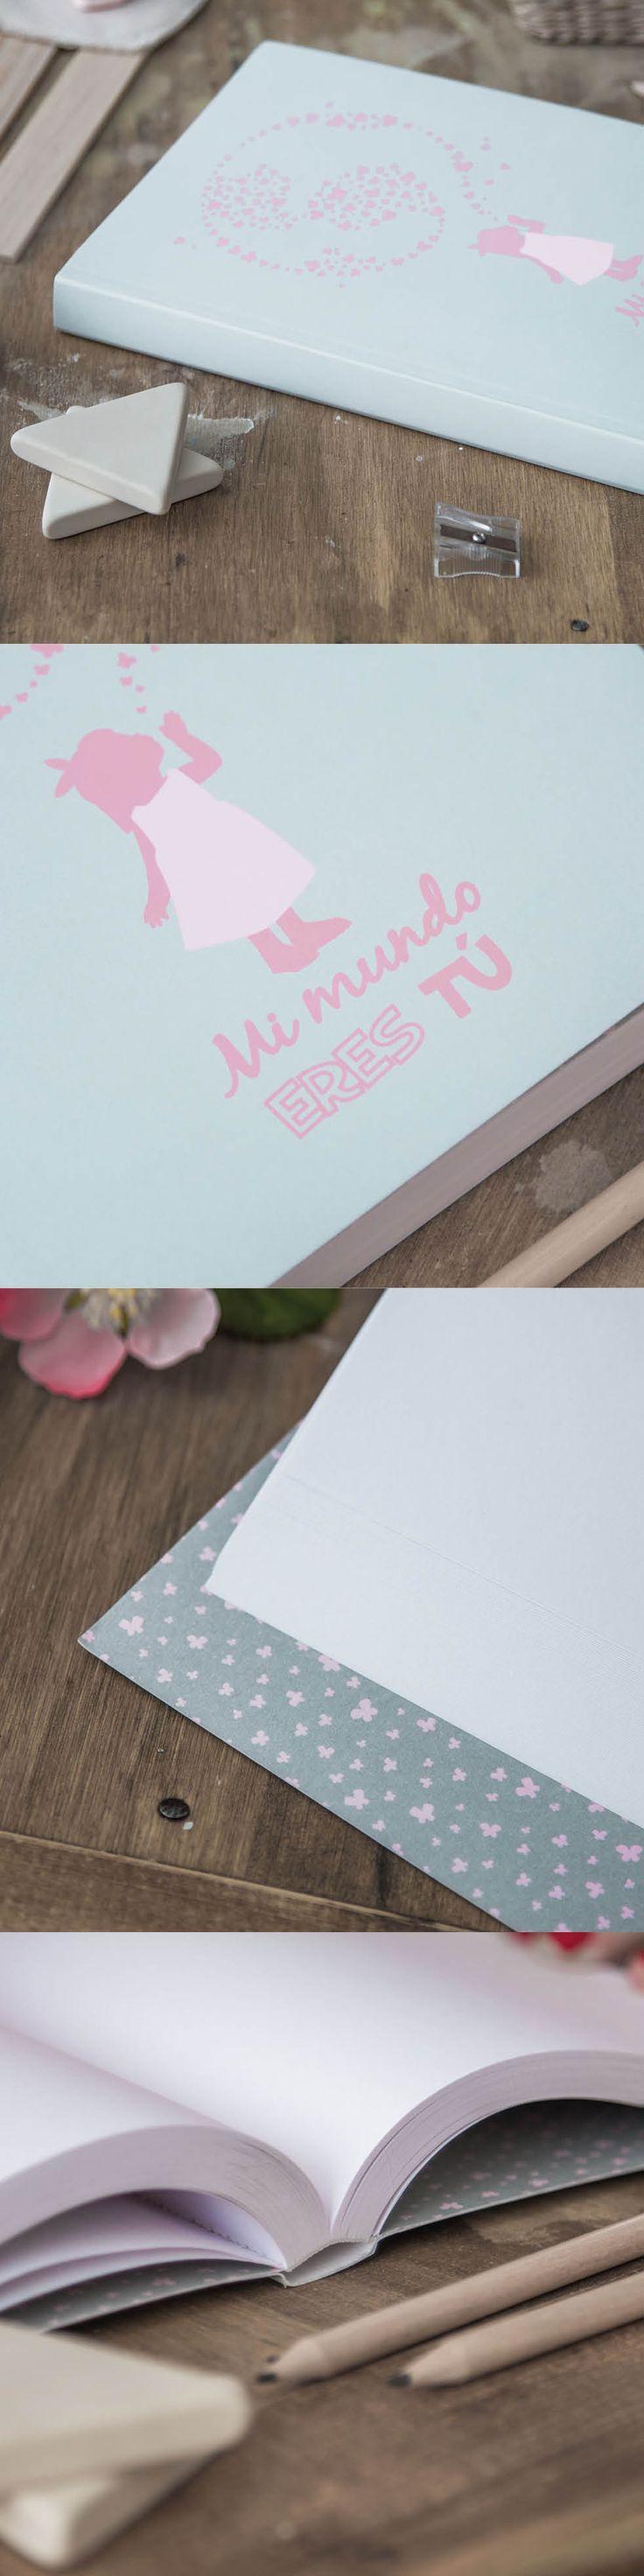 cuadernos espiral - cuadernos bonitos